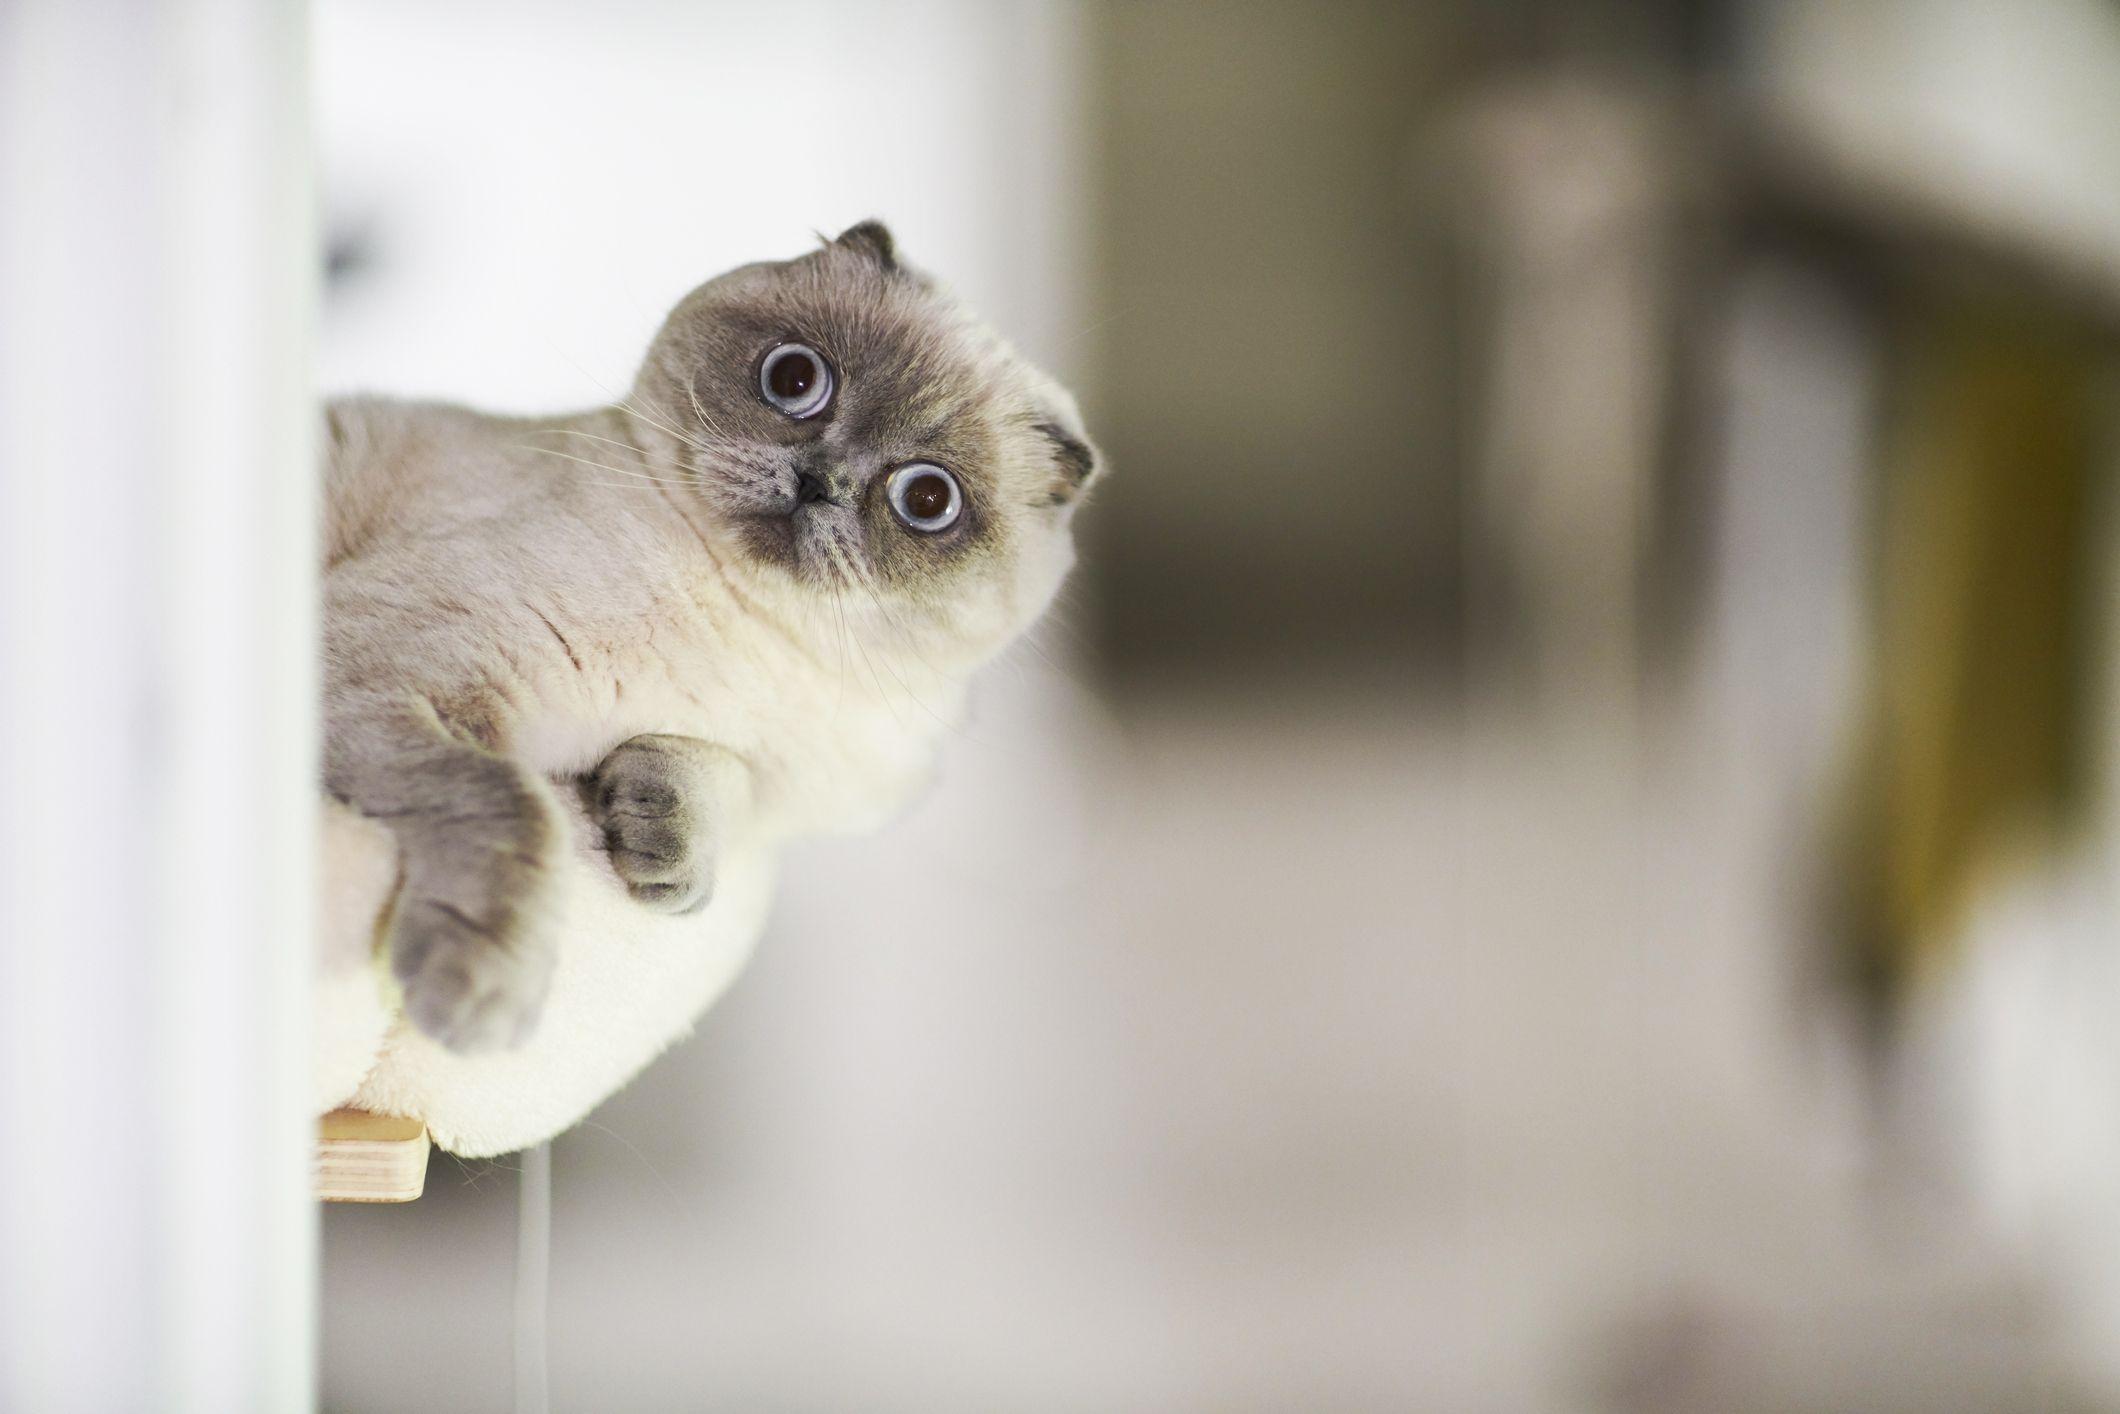 L'esercito americano vuole usare le foto di gattini come armi (più o meno)